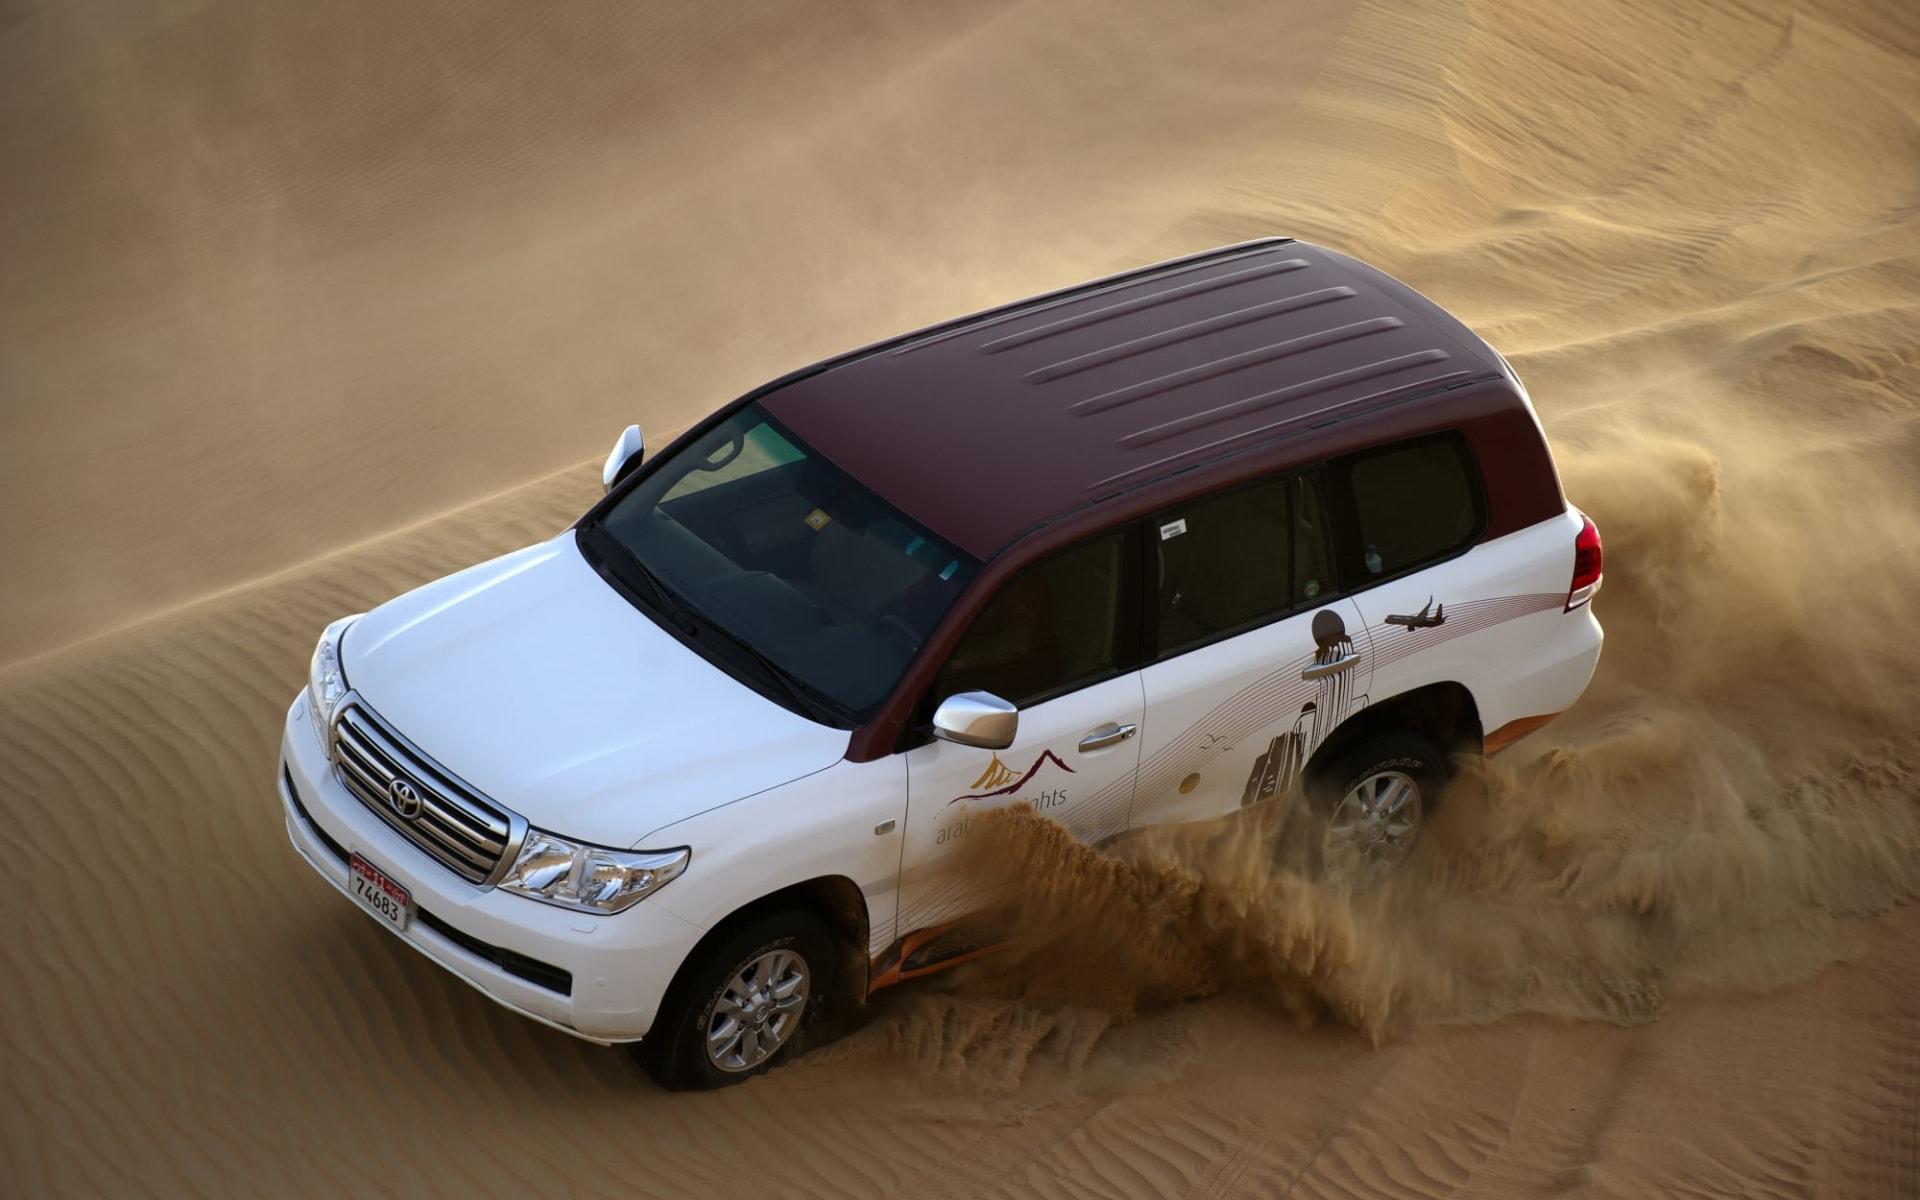 Arabian Nights Village in Al Khatim Wüste: Dune bashing